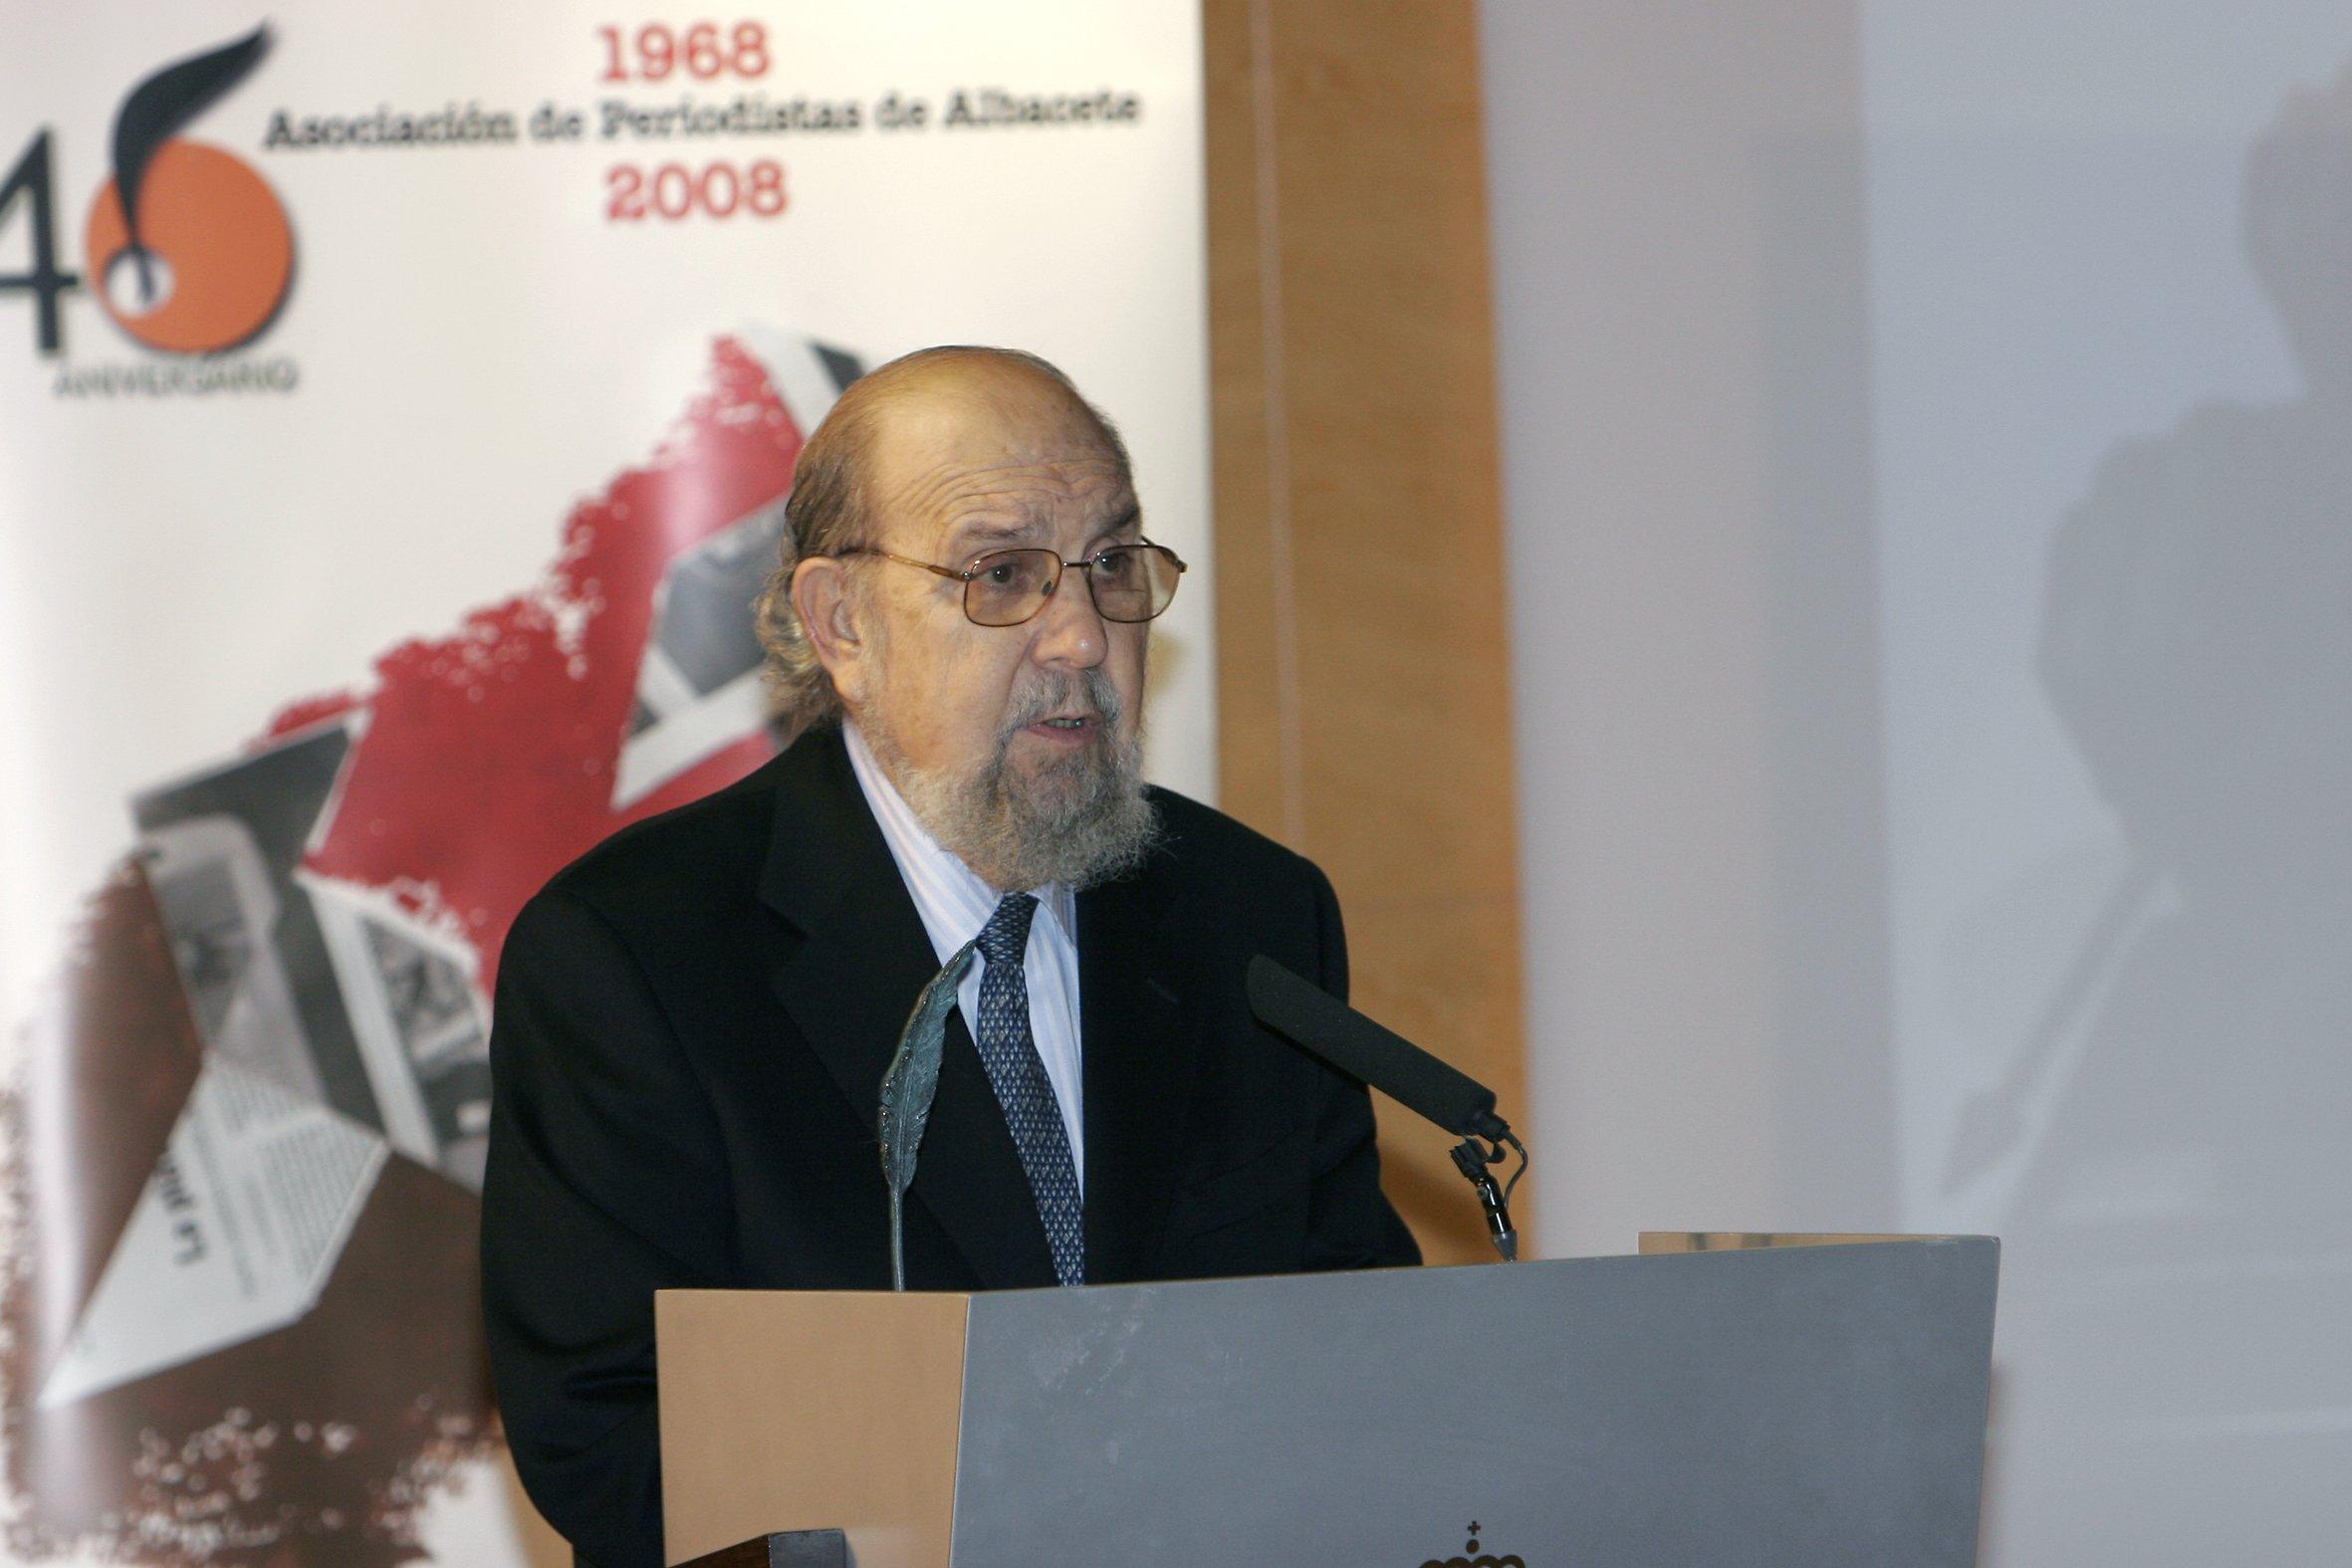 La APAB lamenta el fallecimiento de Eduardo Cantos